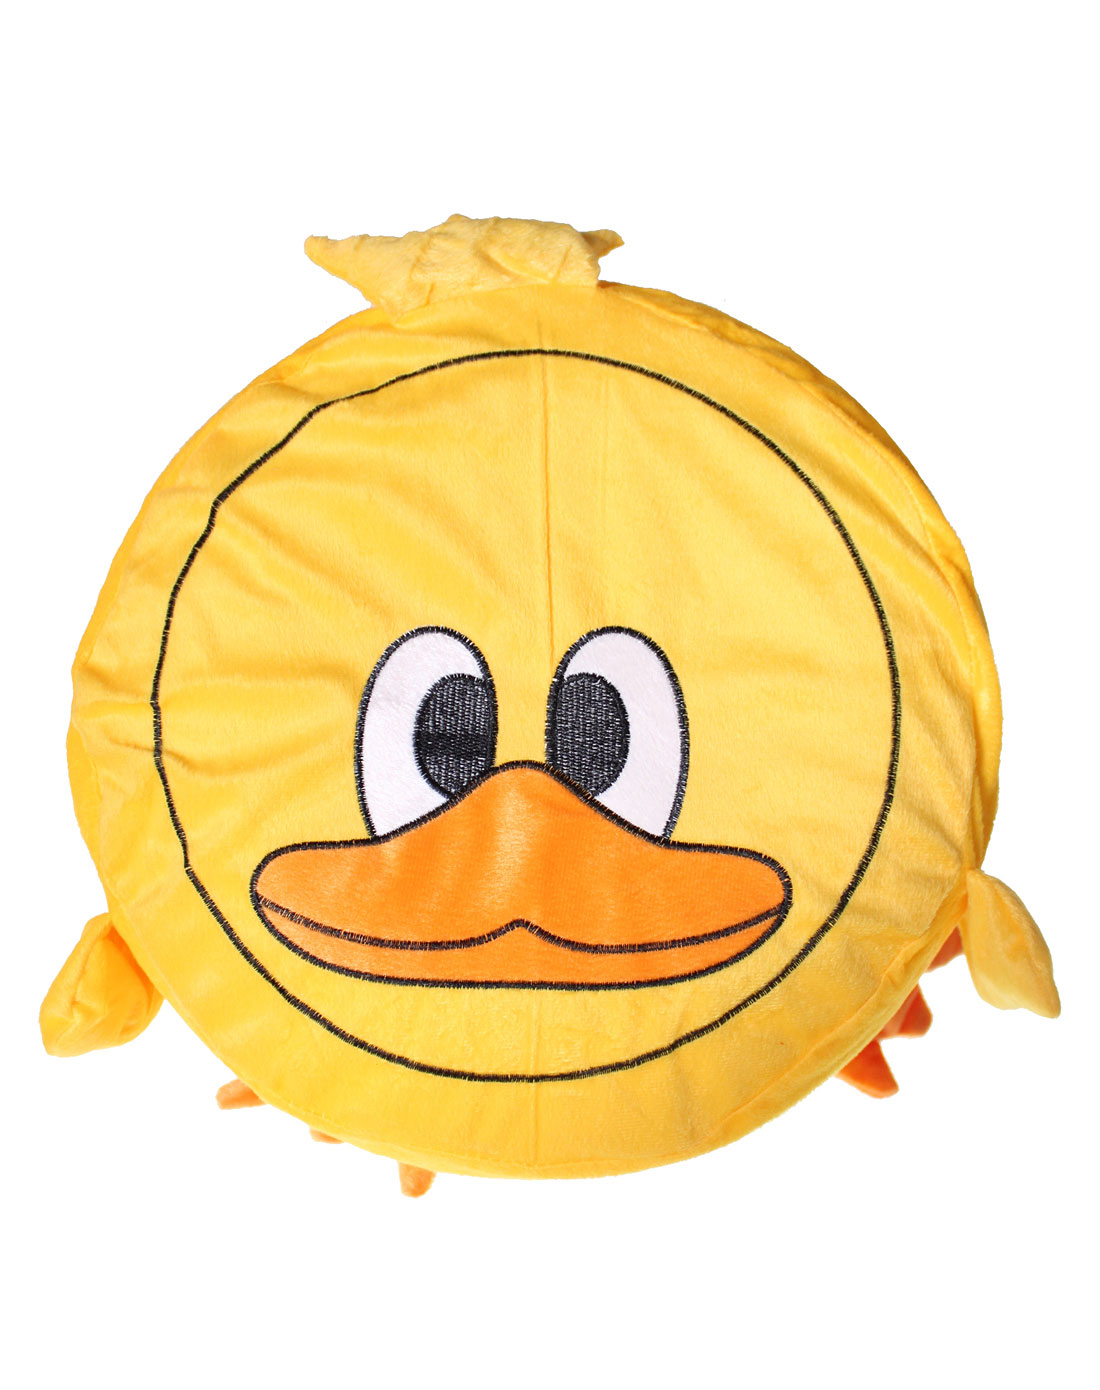 动漫卡通黄色小�_黄色可爱小黄鸭卡通宝贝系列充气凳(含打气筒和气嘴)